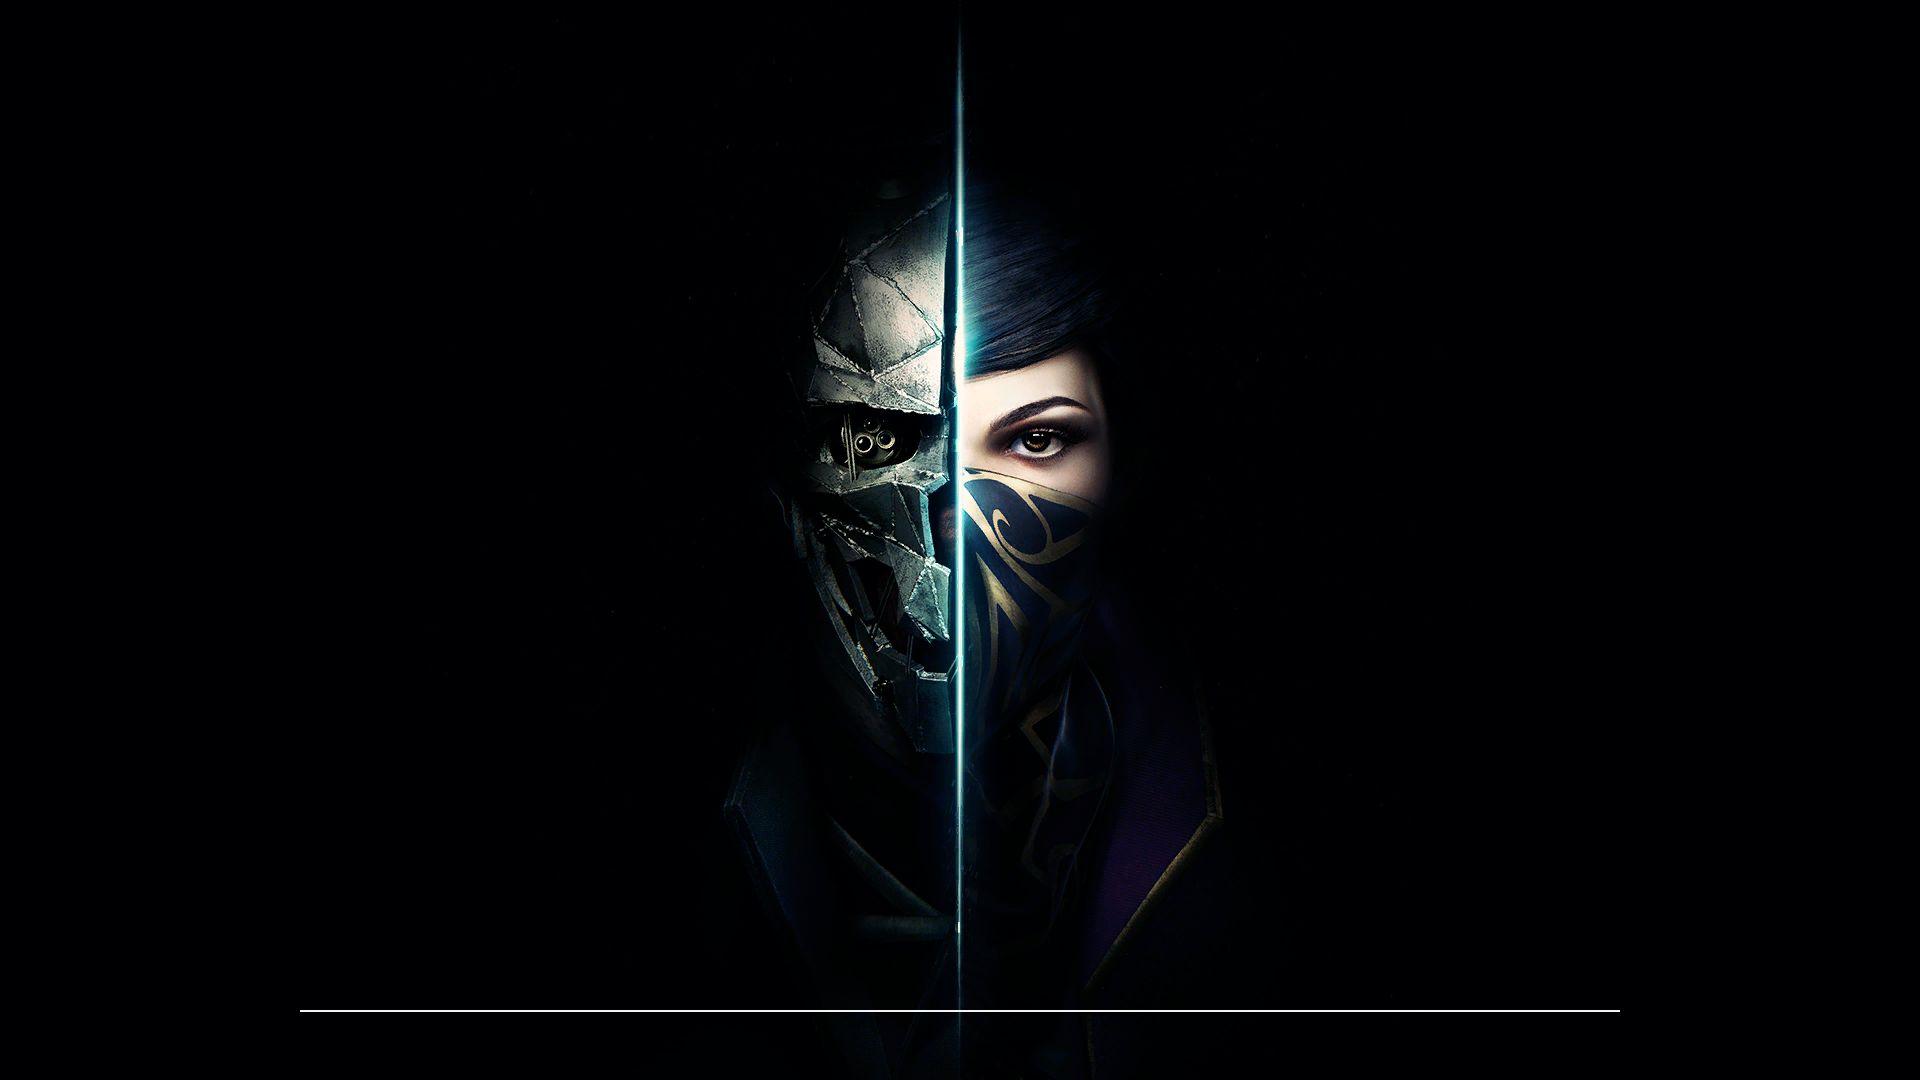 00001_1.jpg - Dishonored 2